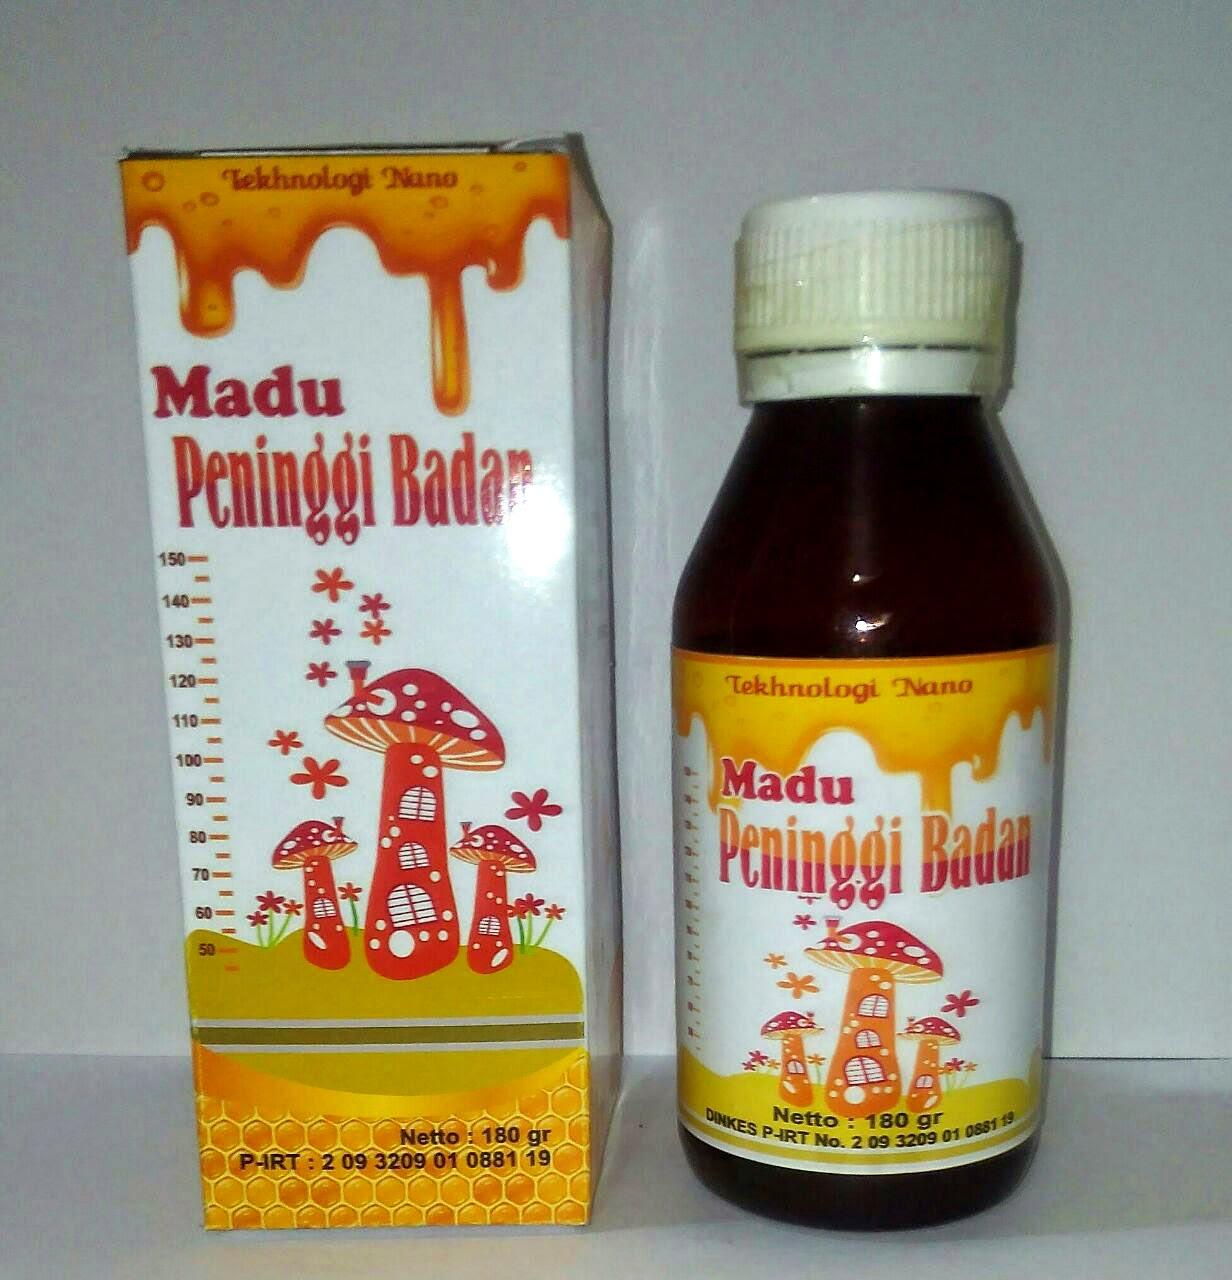 jual obat herbal madu peninggi badan alami anak dan remaja